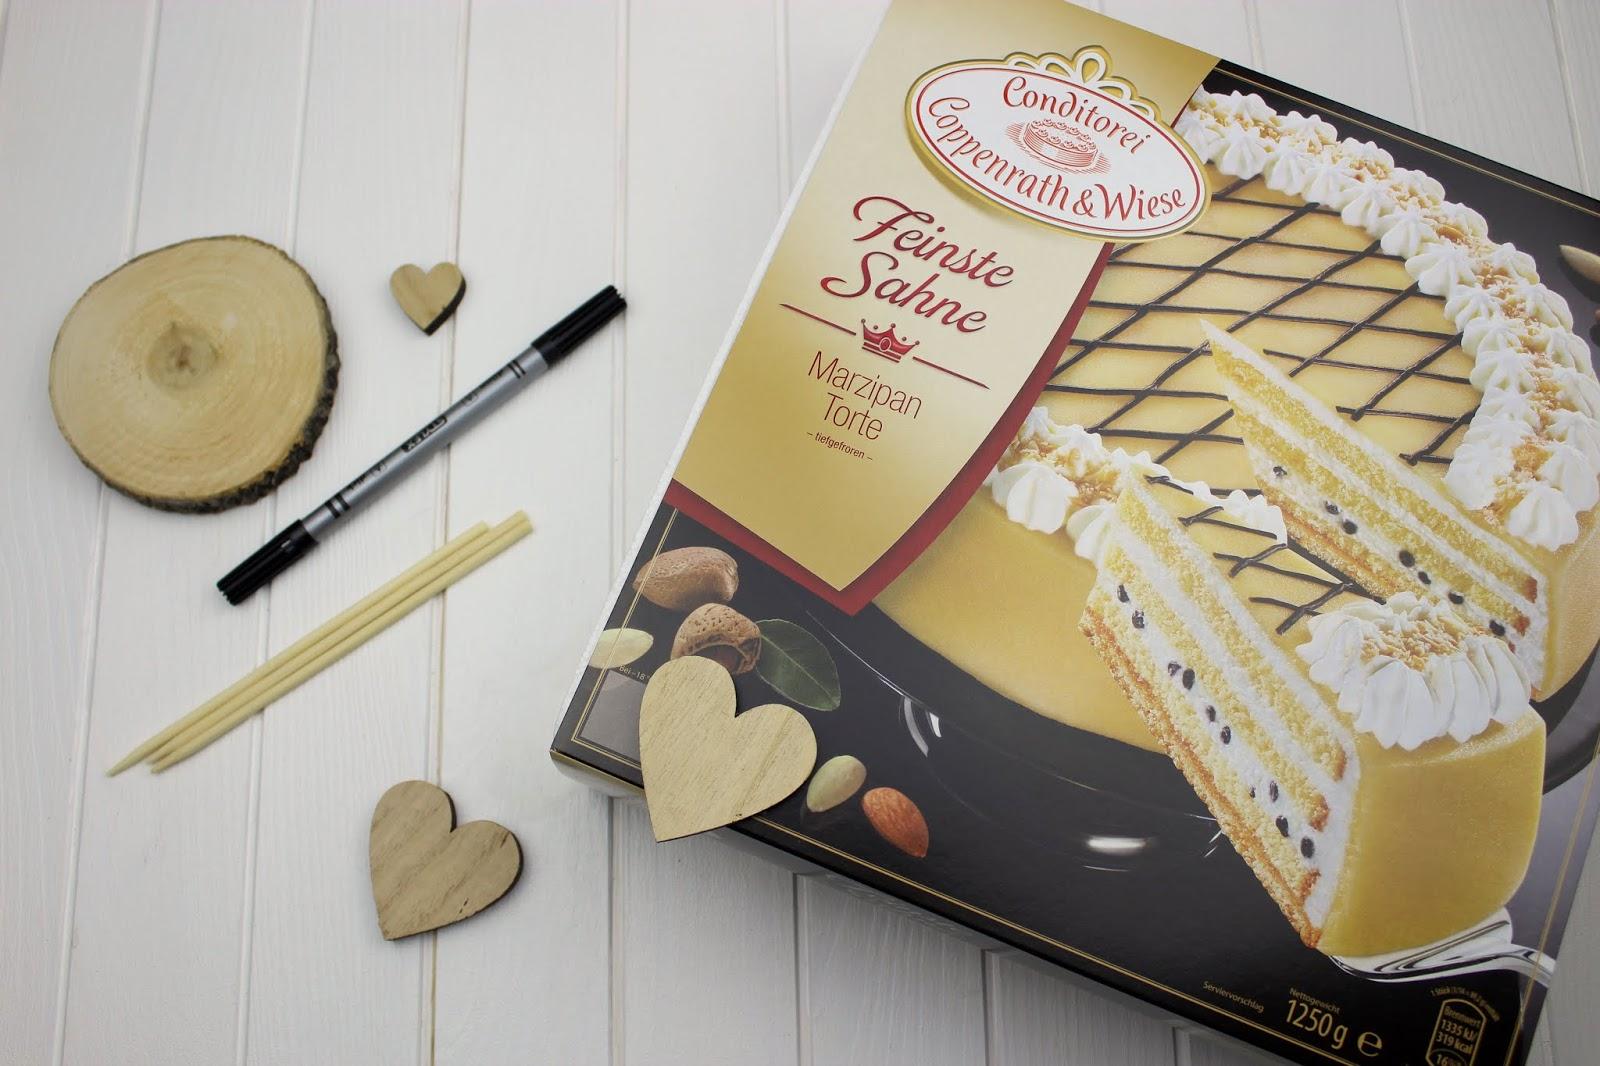 DIY - 3 Cake Topper für die Hochzeitstorte ganz einfach selber machen + gratis Vorlage - mit Coppenrath & Wiese - Astscheibe Initialien